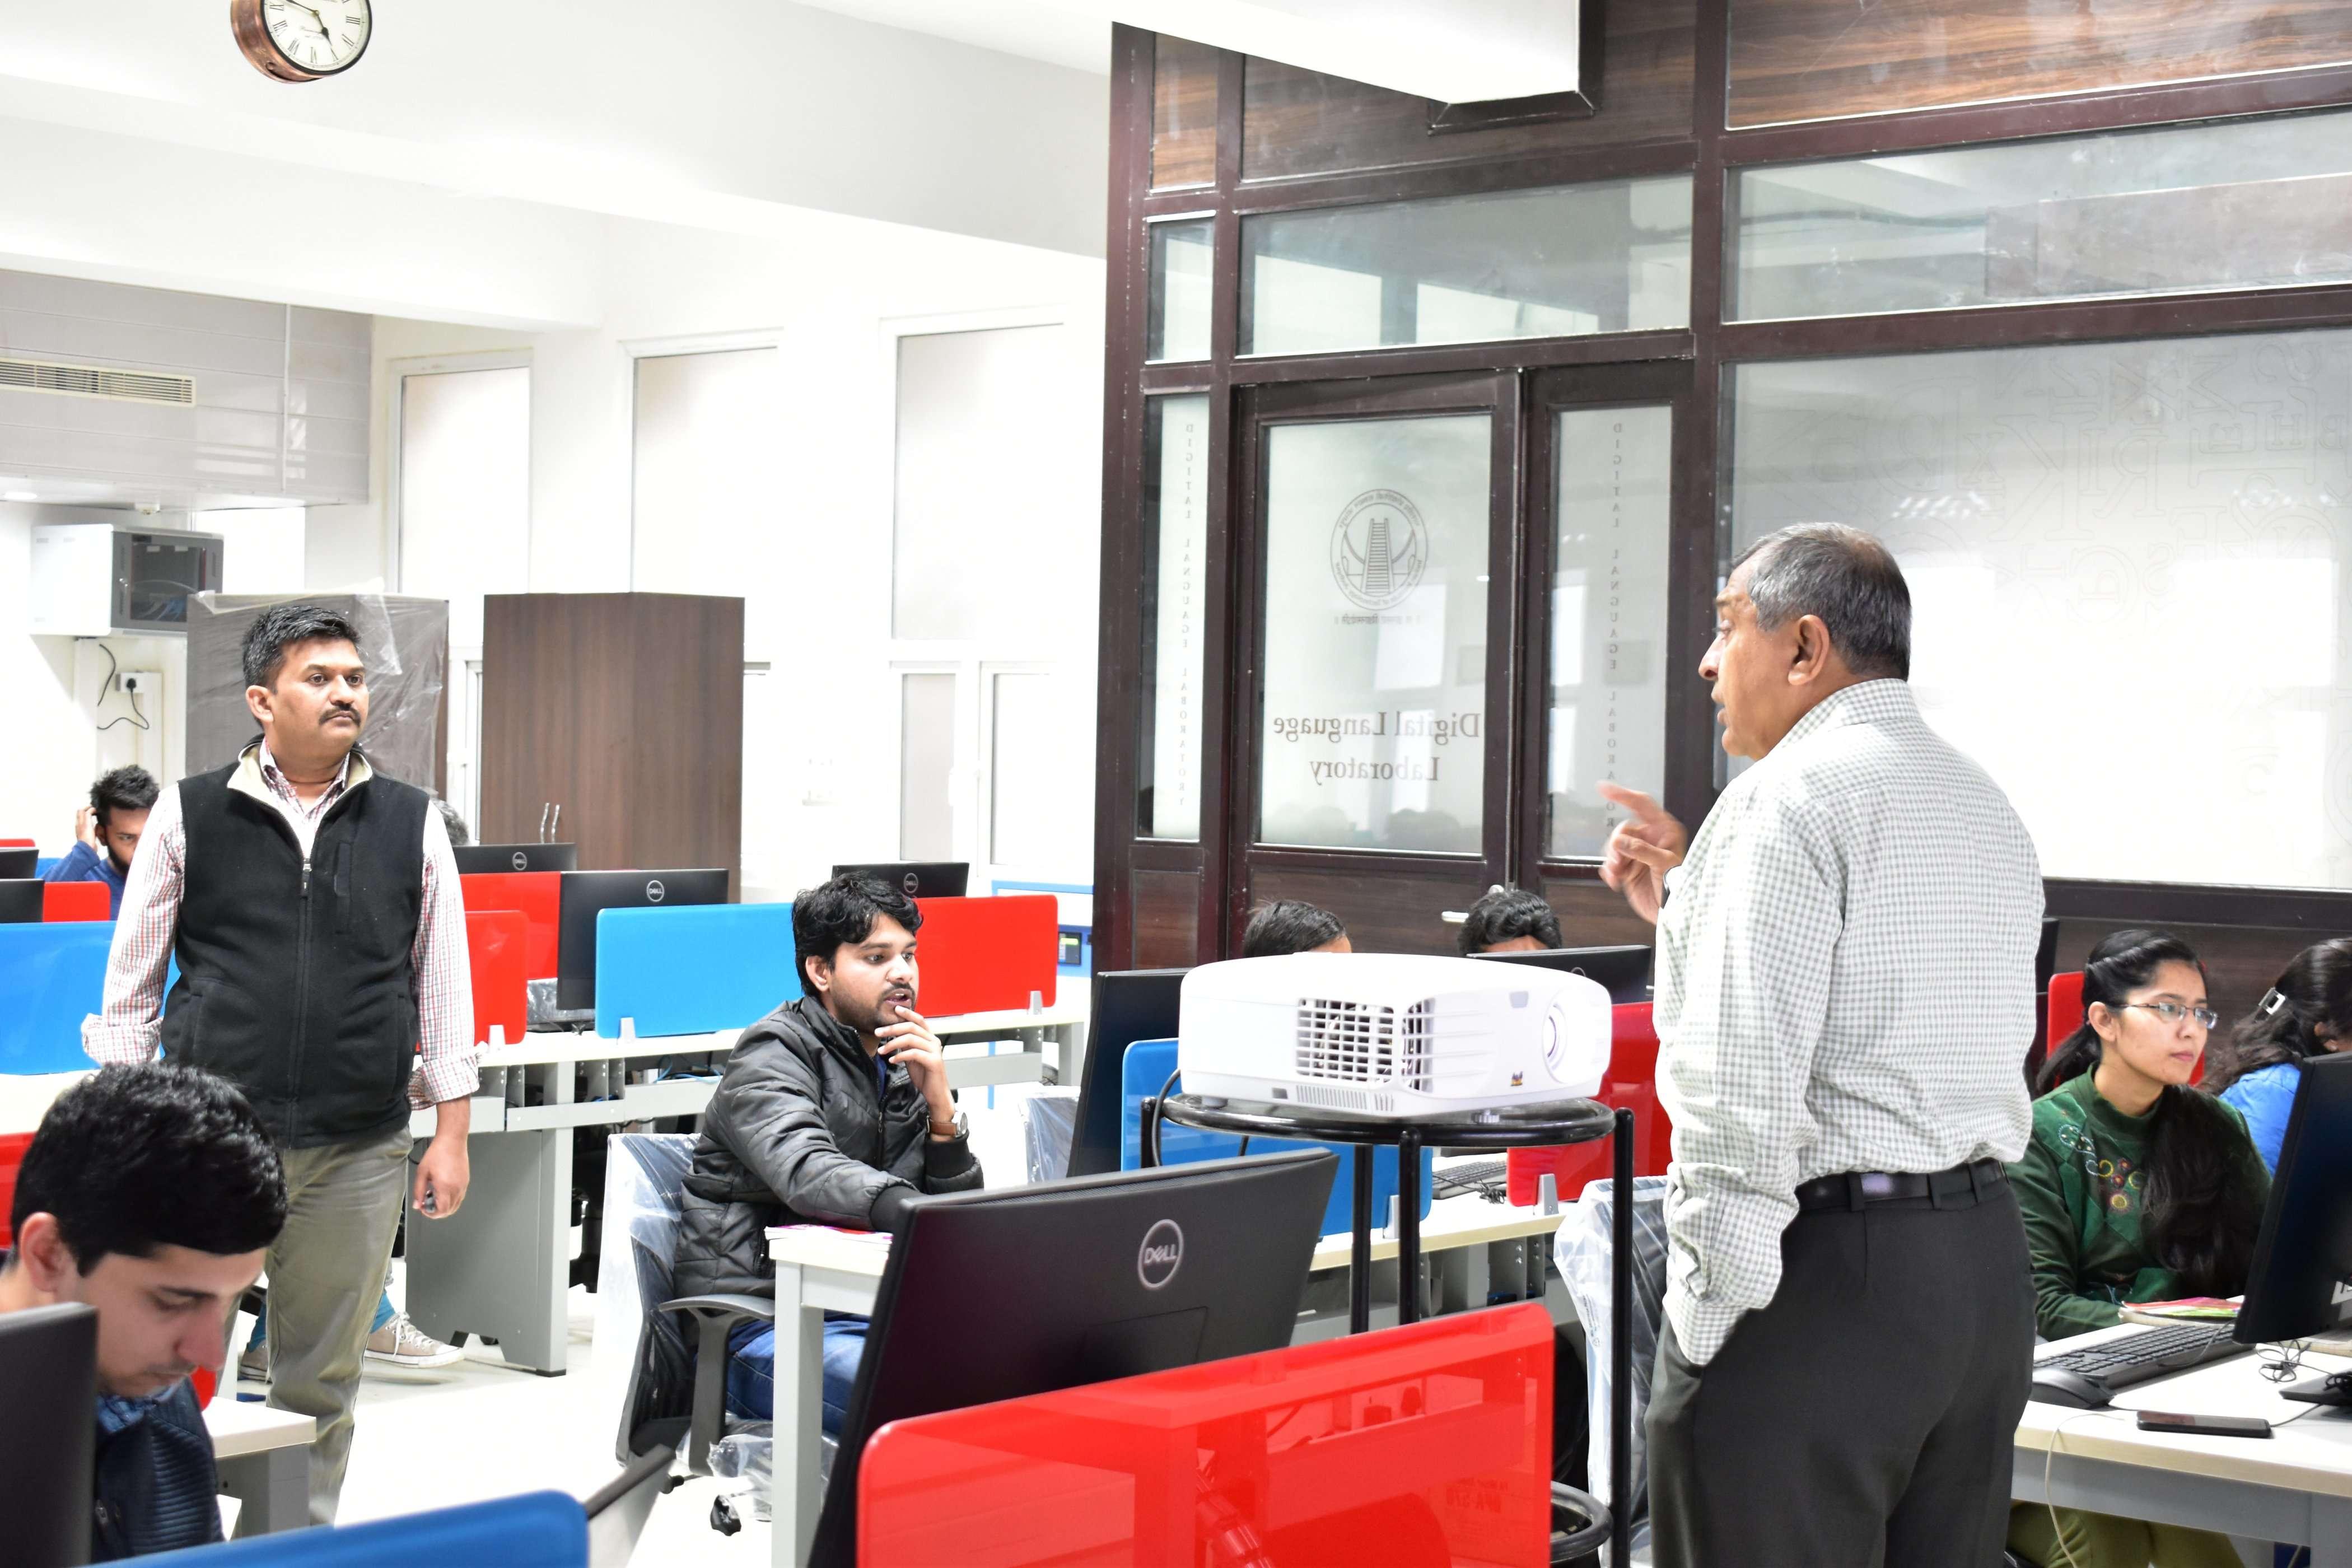 IIT Jodhpur offers eight multidisciplinary BTech courses